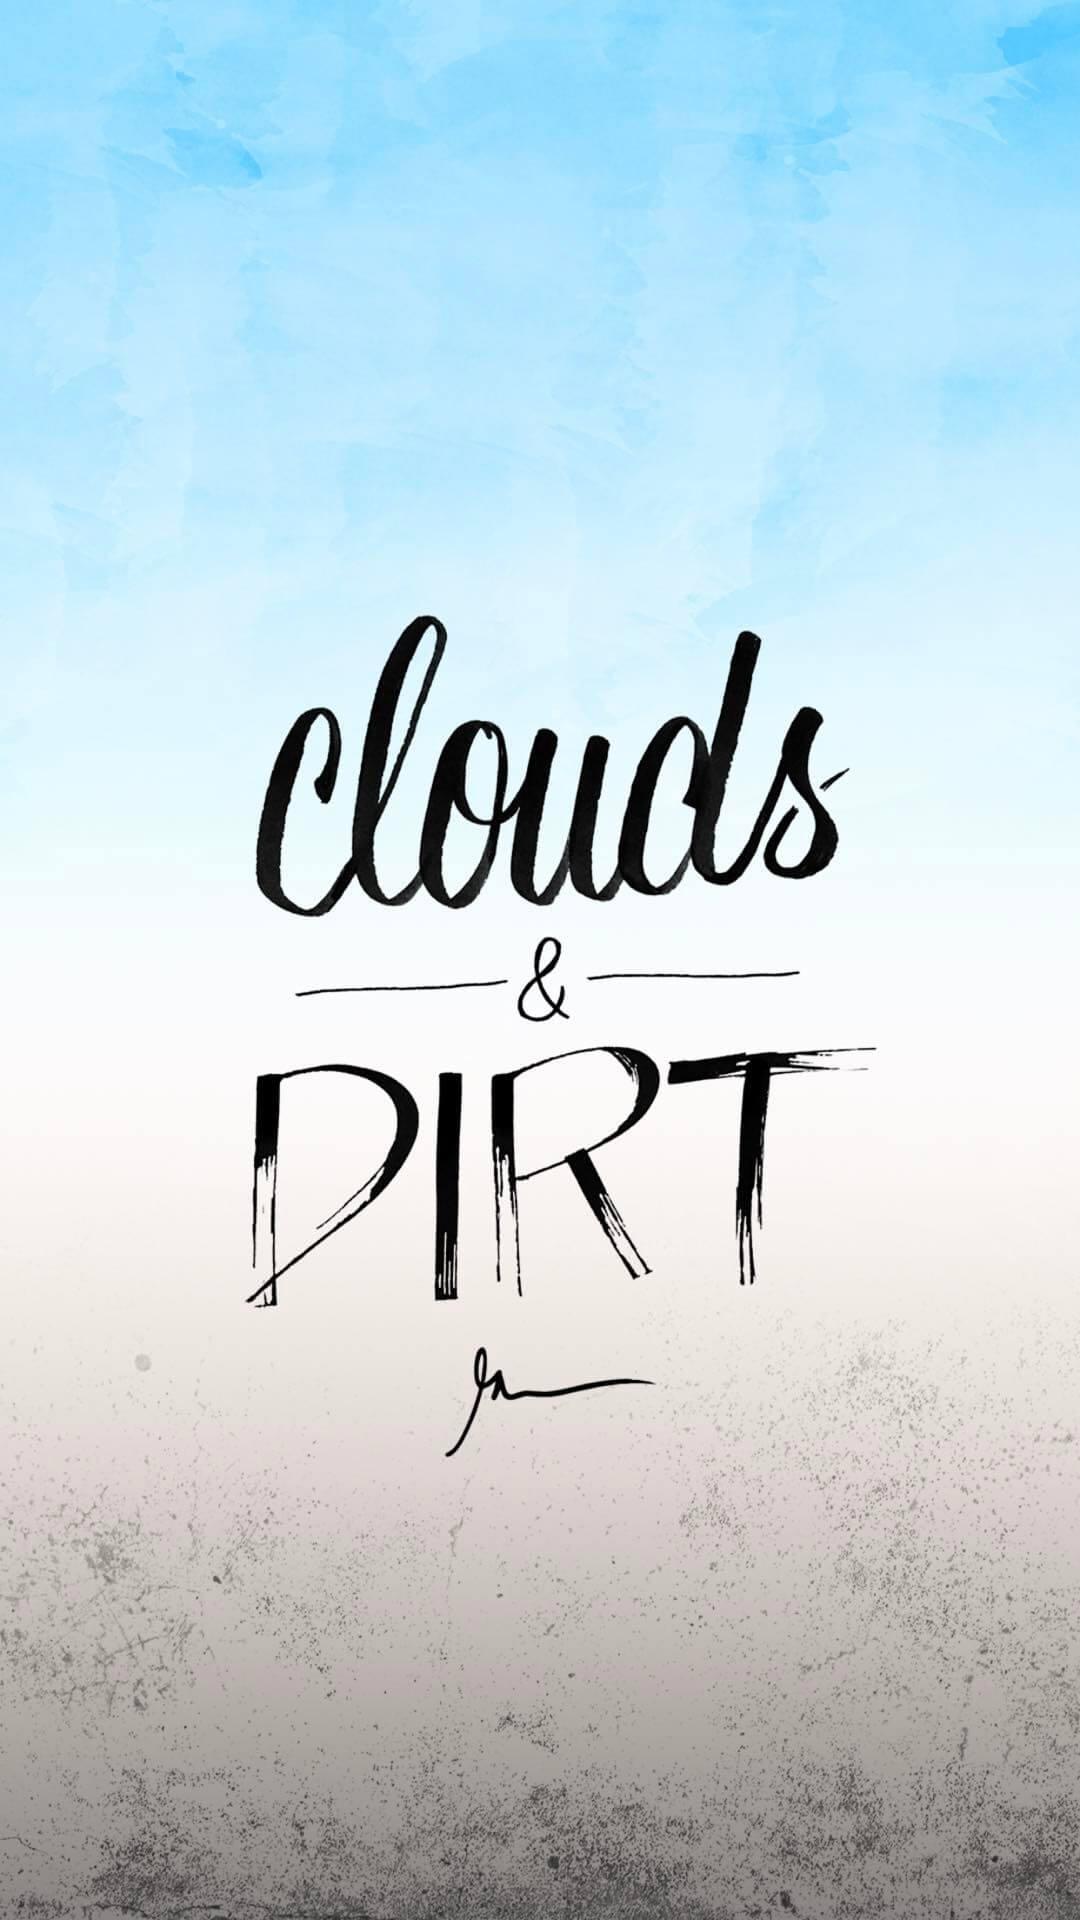 Clouds & Dirt